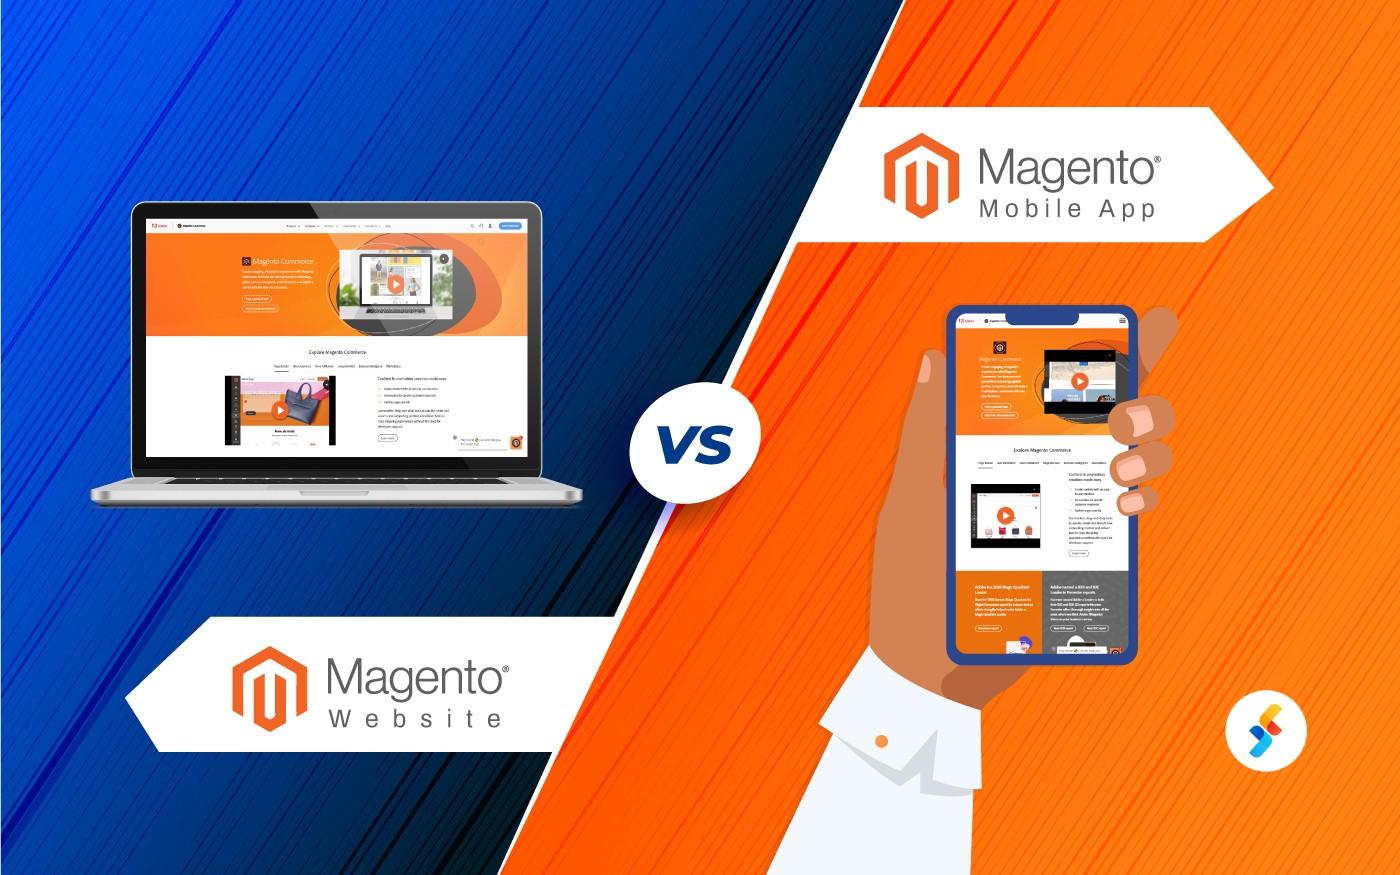 Magento Website vs. Magento Mobile App